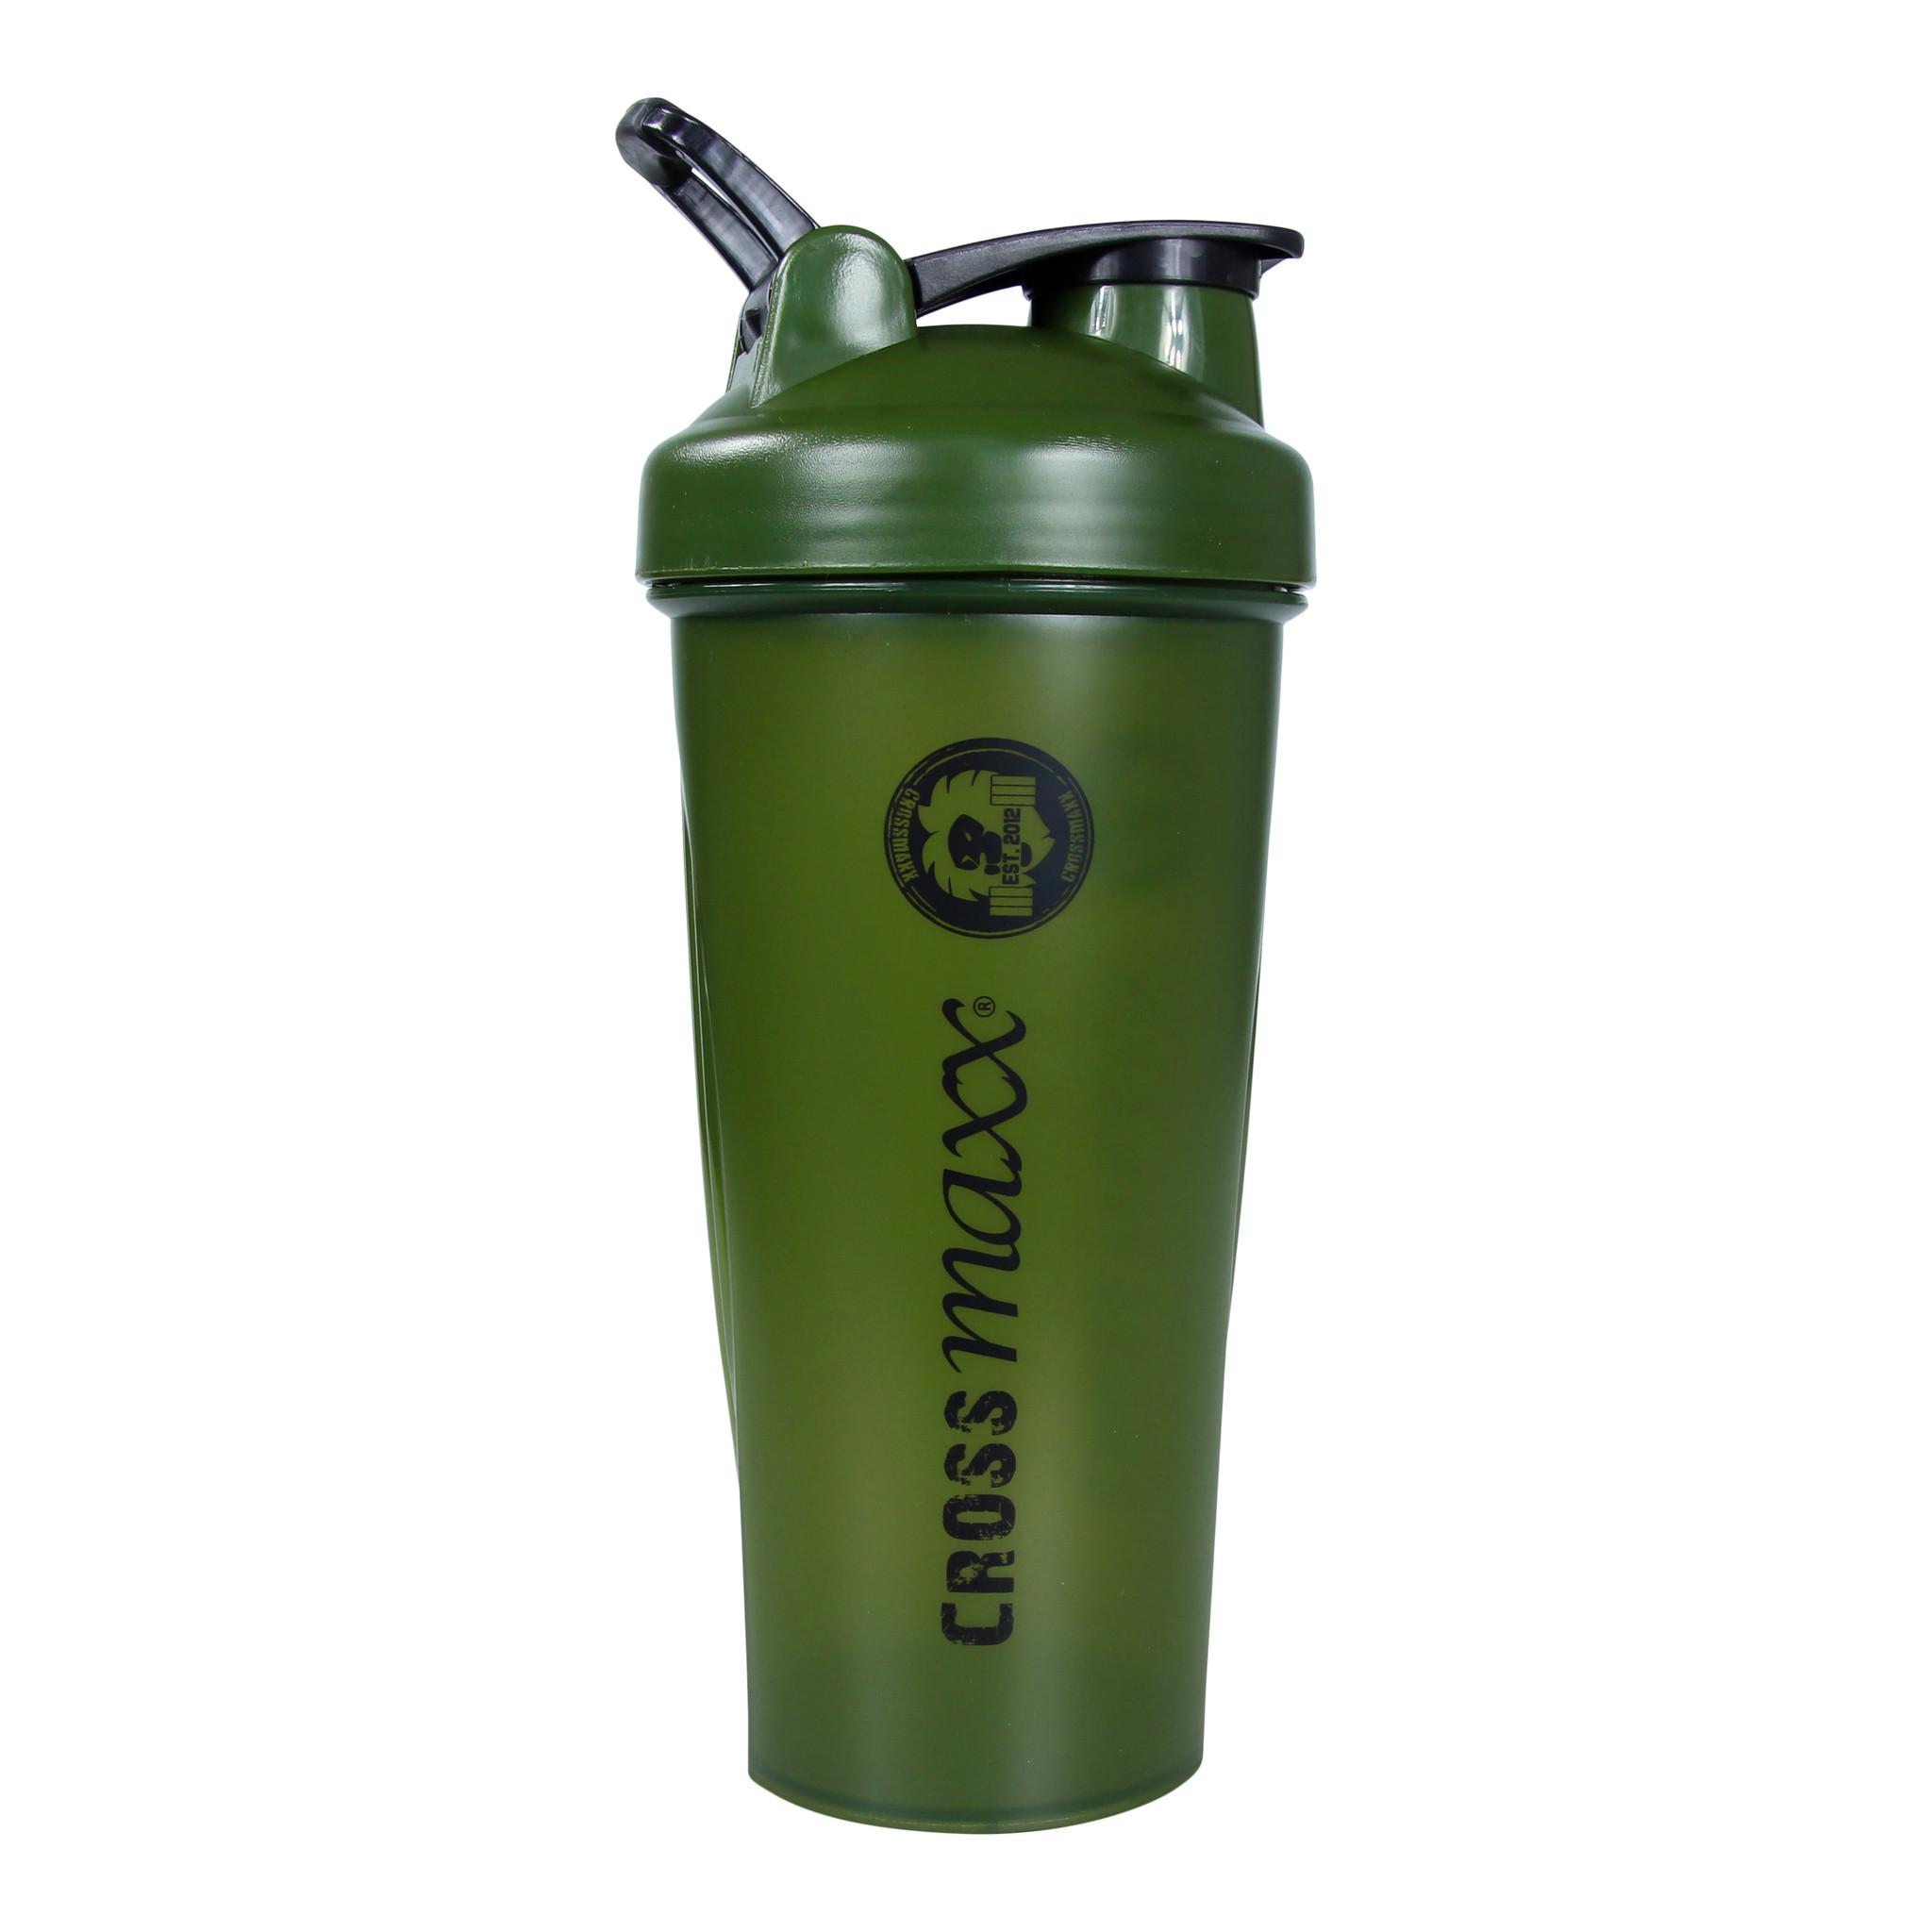 Crossmaxx® LMX2210.1 Crossmaxx® Shaker Bottle - Green